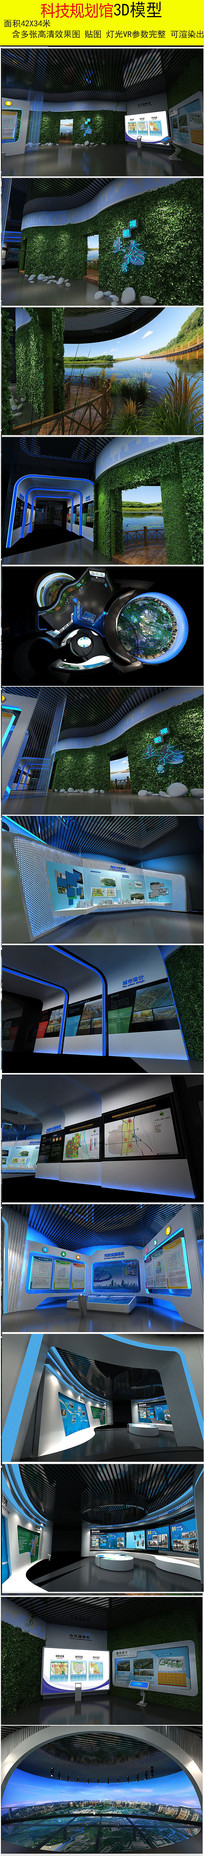 规划馆设计3d模型